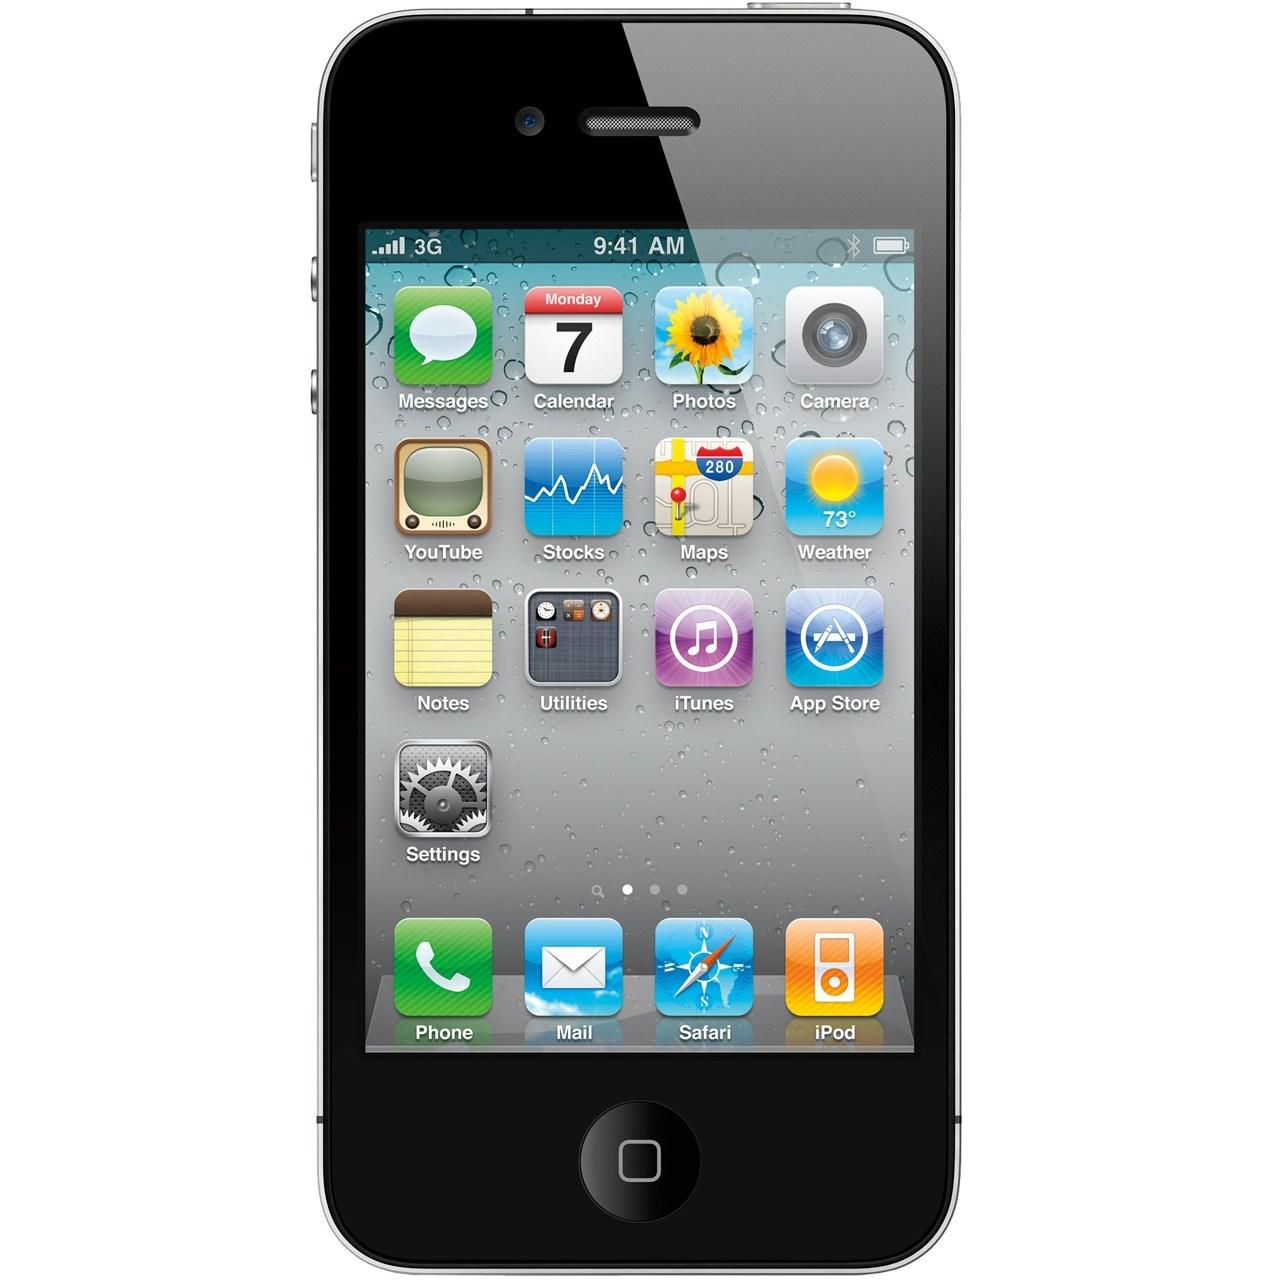 گوشی موبایل اپل آی فون 4 - 8 گیگابایت